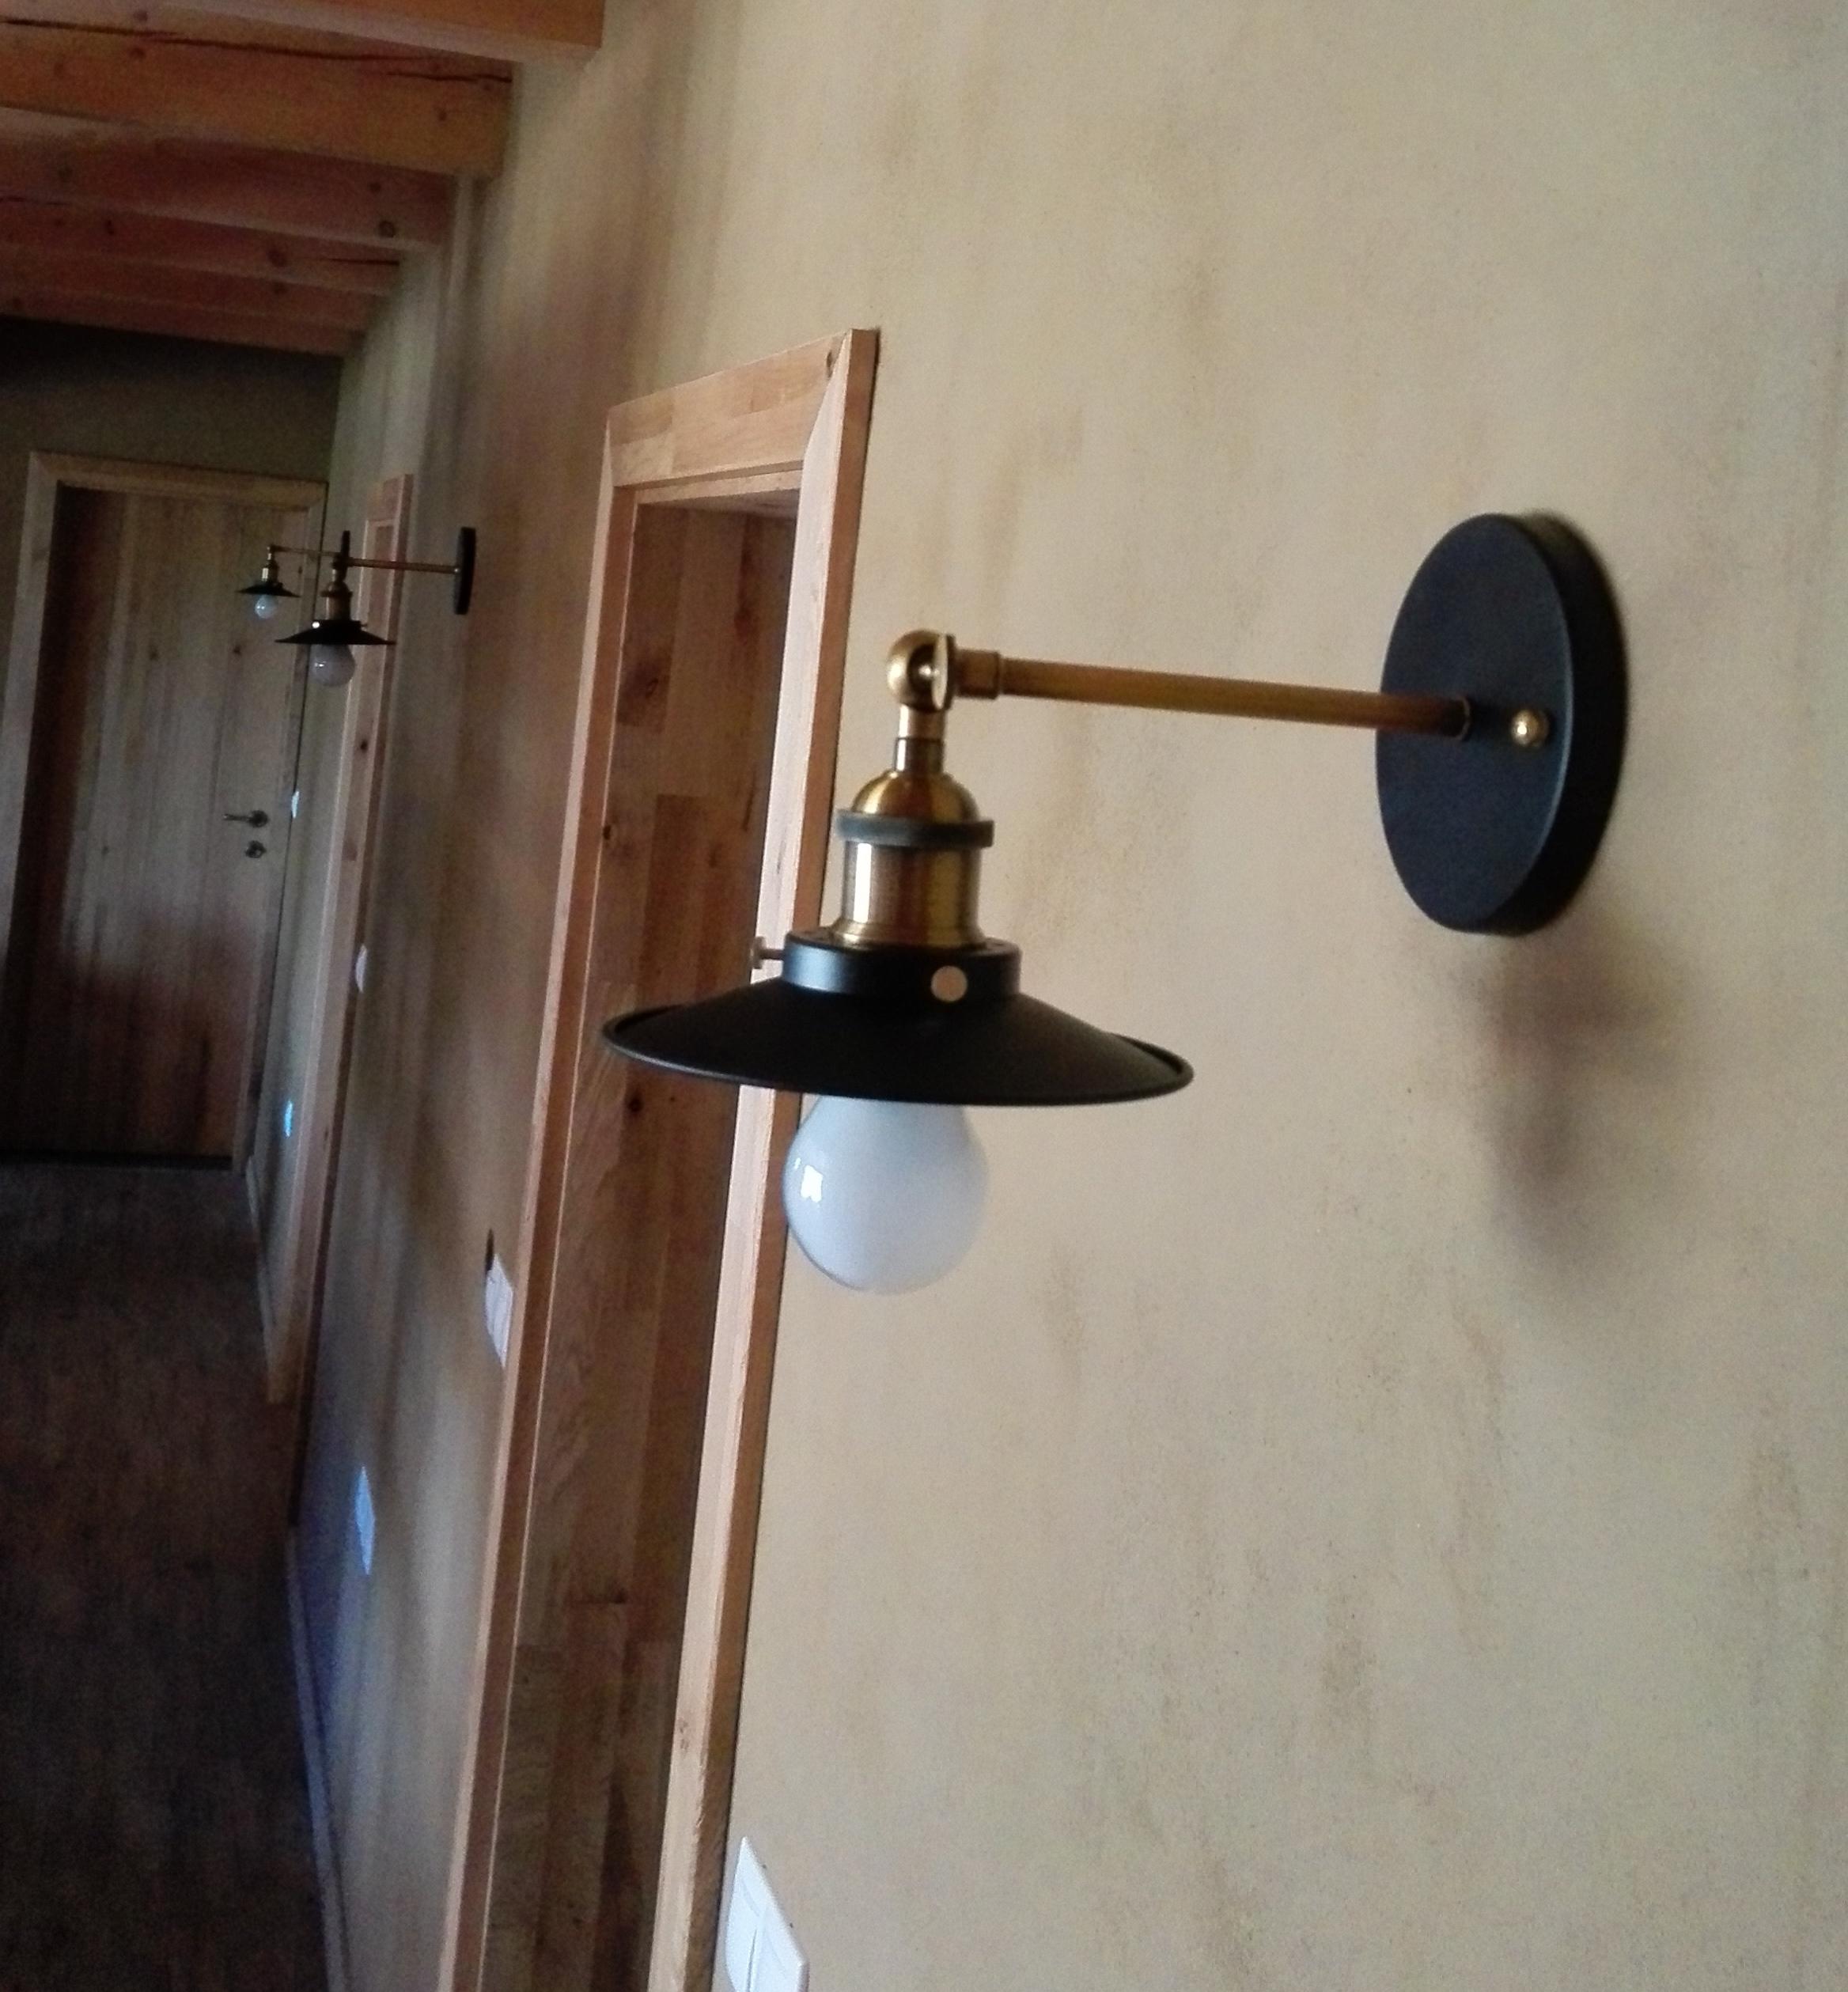 Realizácia Klienta Historické nástenné a závesné svietidlá 1 Realizácia Klienta   Historické nástenné a závesné svietidlá